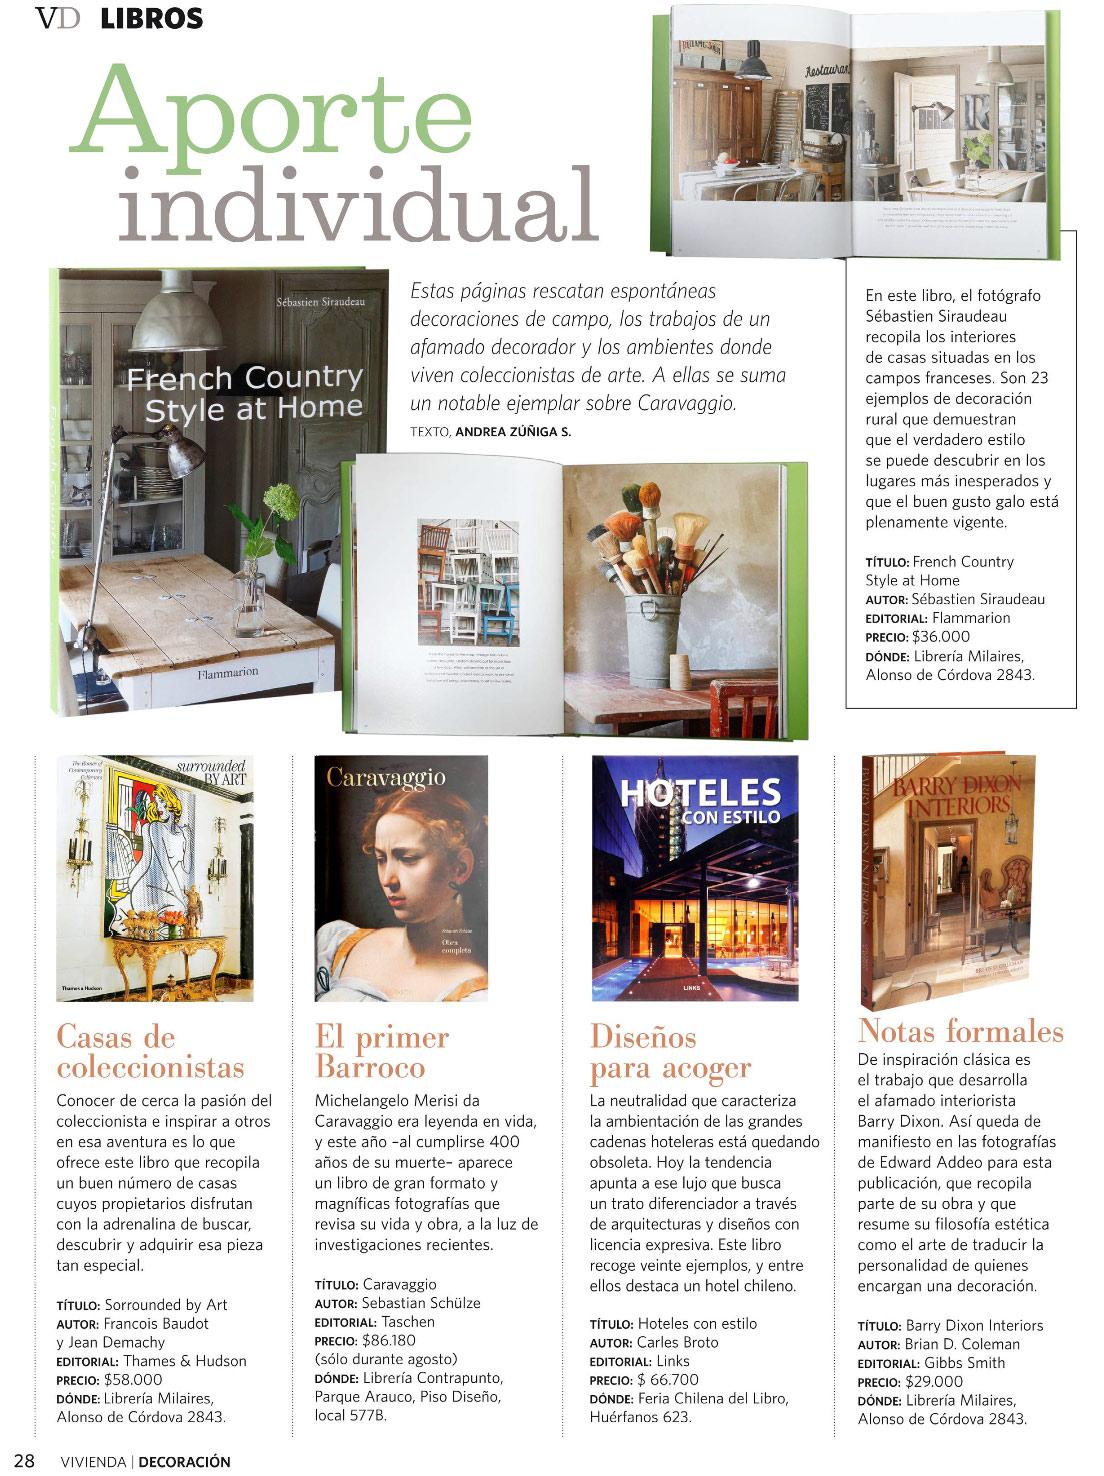 Libros destacados revista Vivienda y Decoraci�n, El mercurio 21-08-2010 - MilAires, Boutique del Libro.